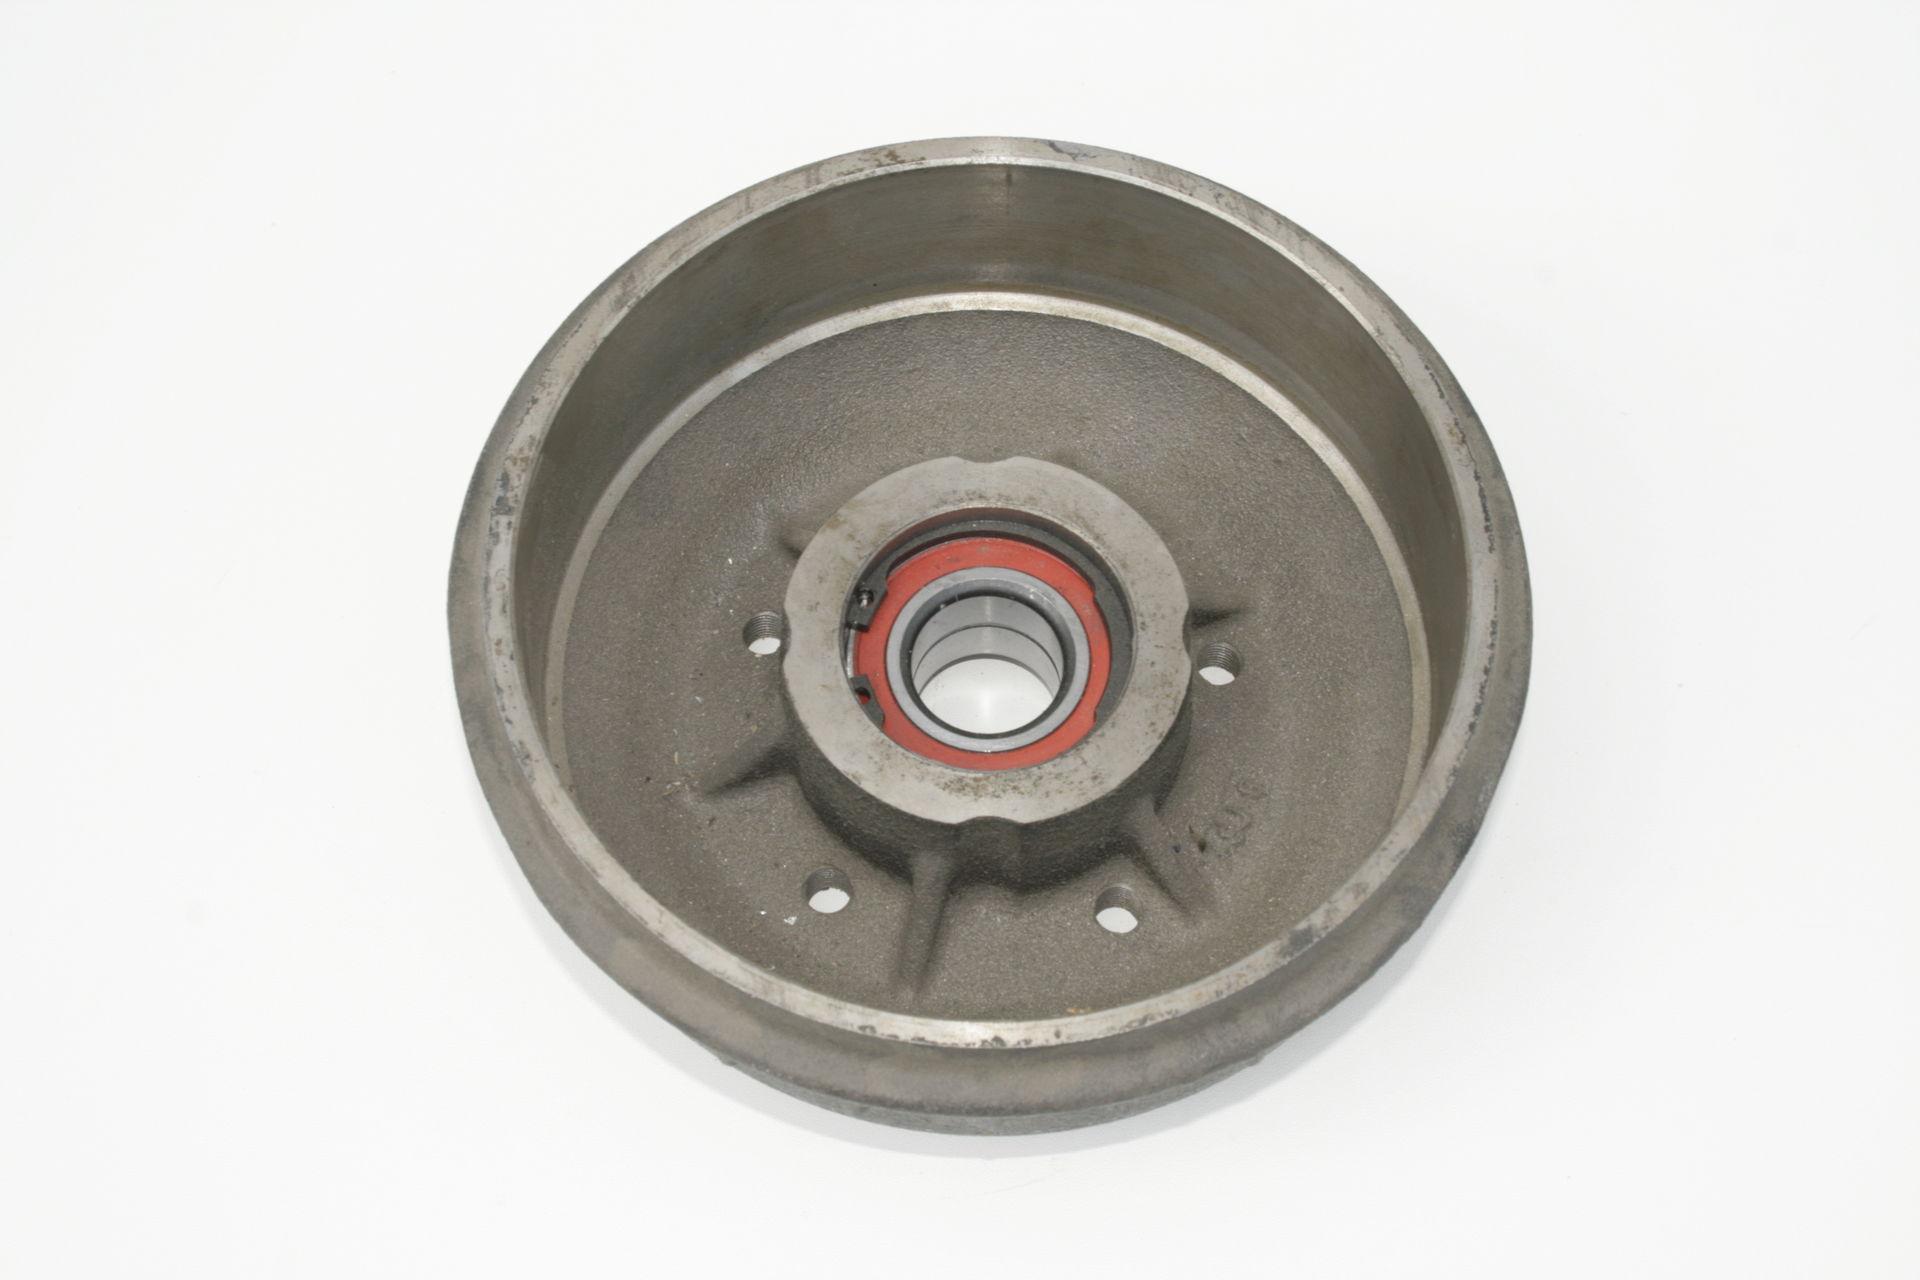 Brzdový buben AL-KO pr. 200 mm